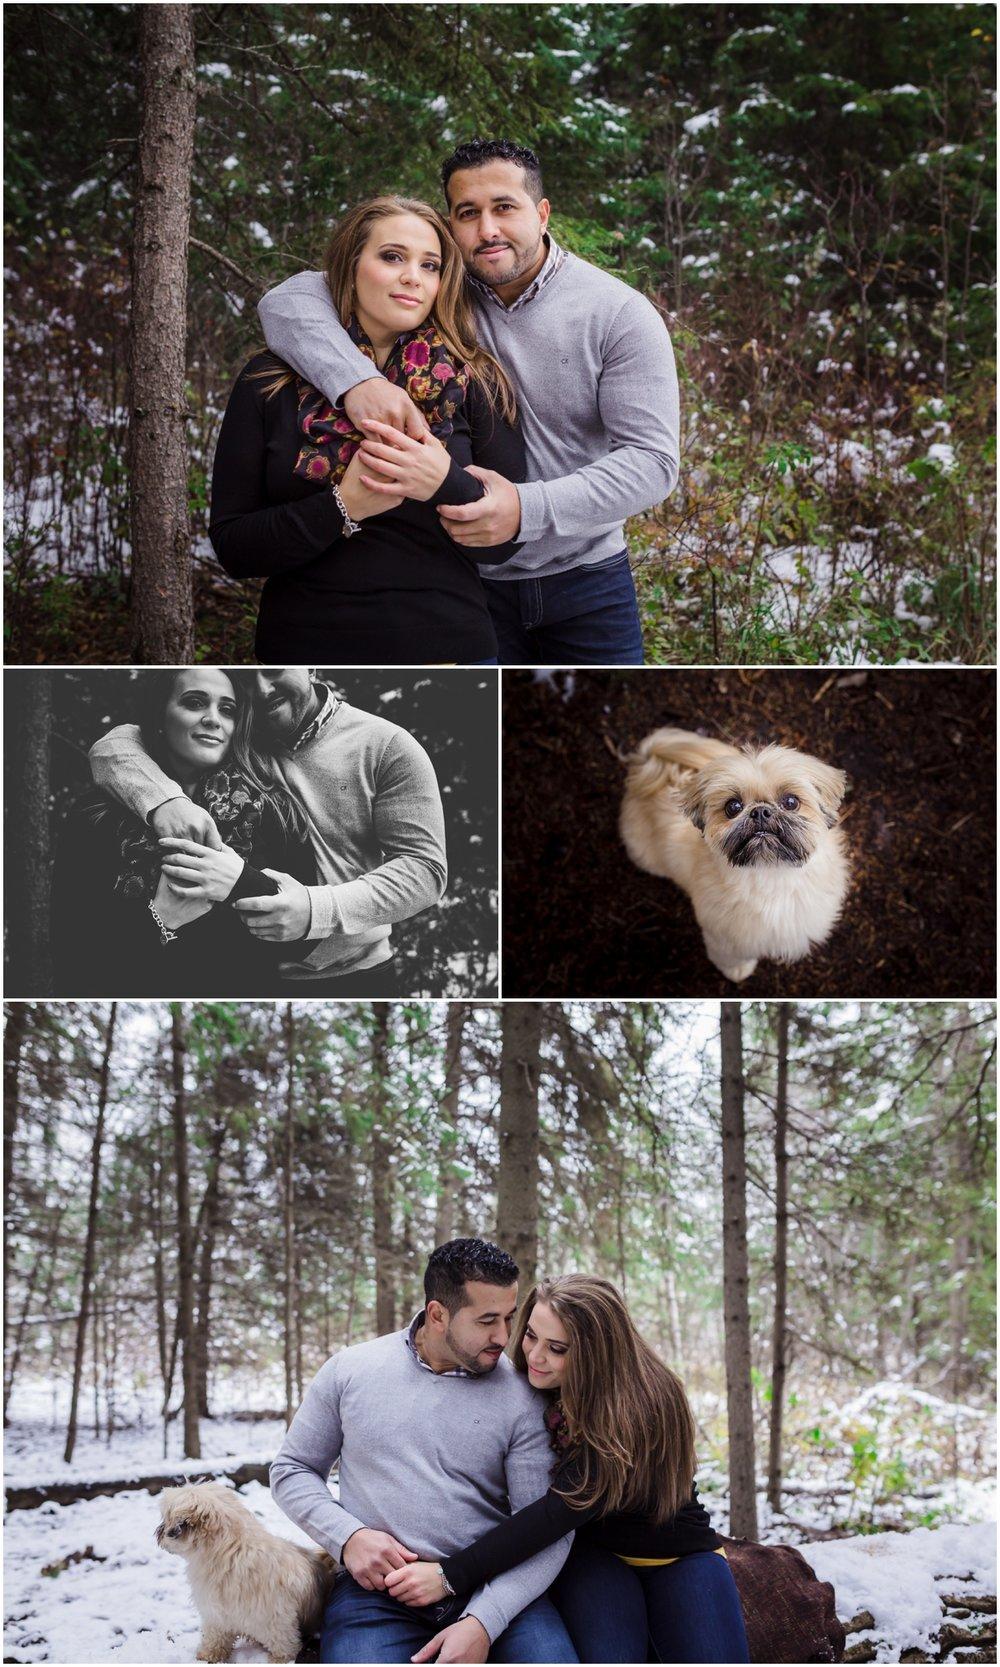 Edmonton couples photographer best of 2016 October